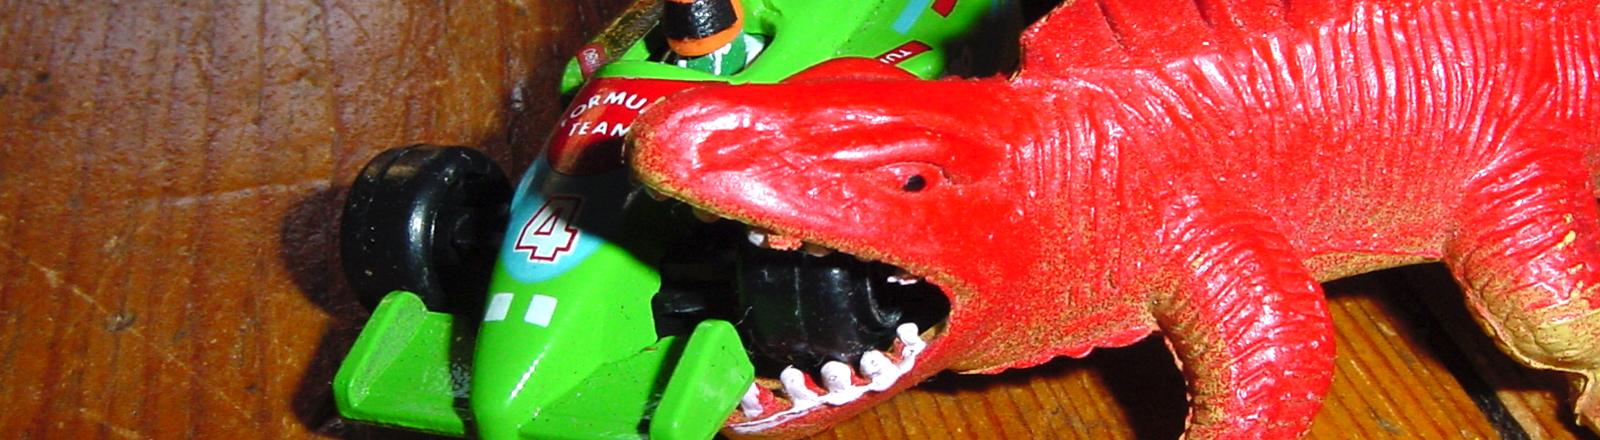 Spielzeugdino beißt in Spielzeugrennauto.